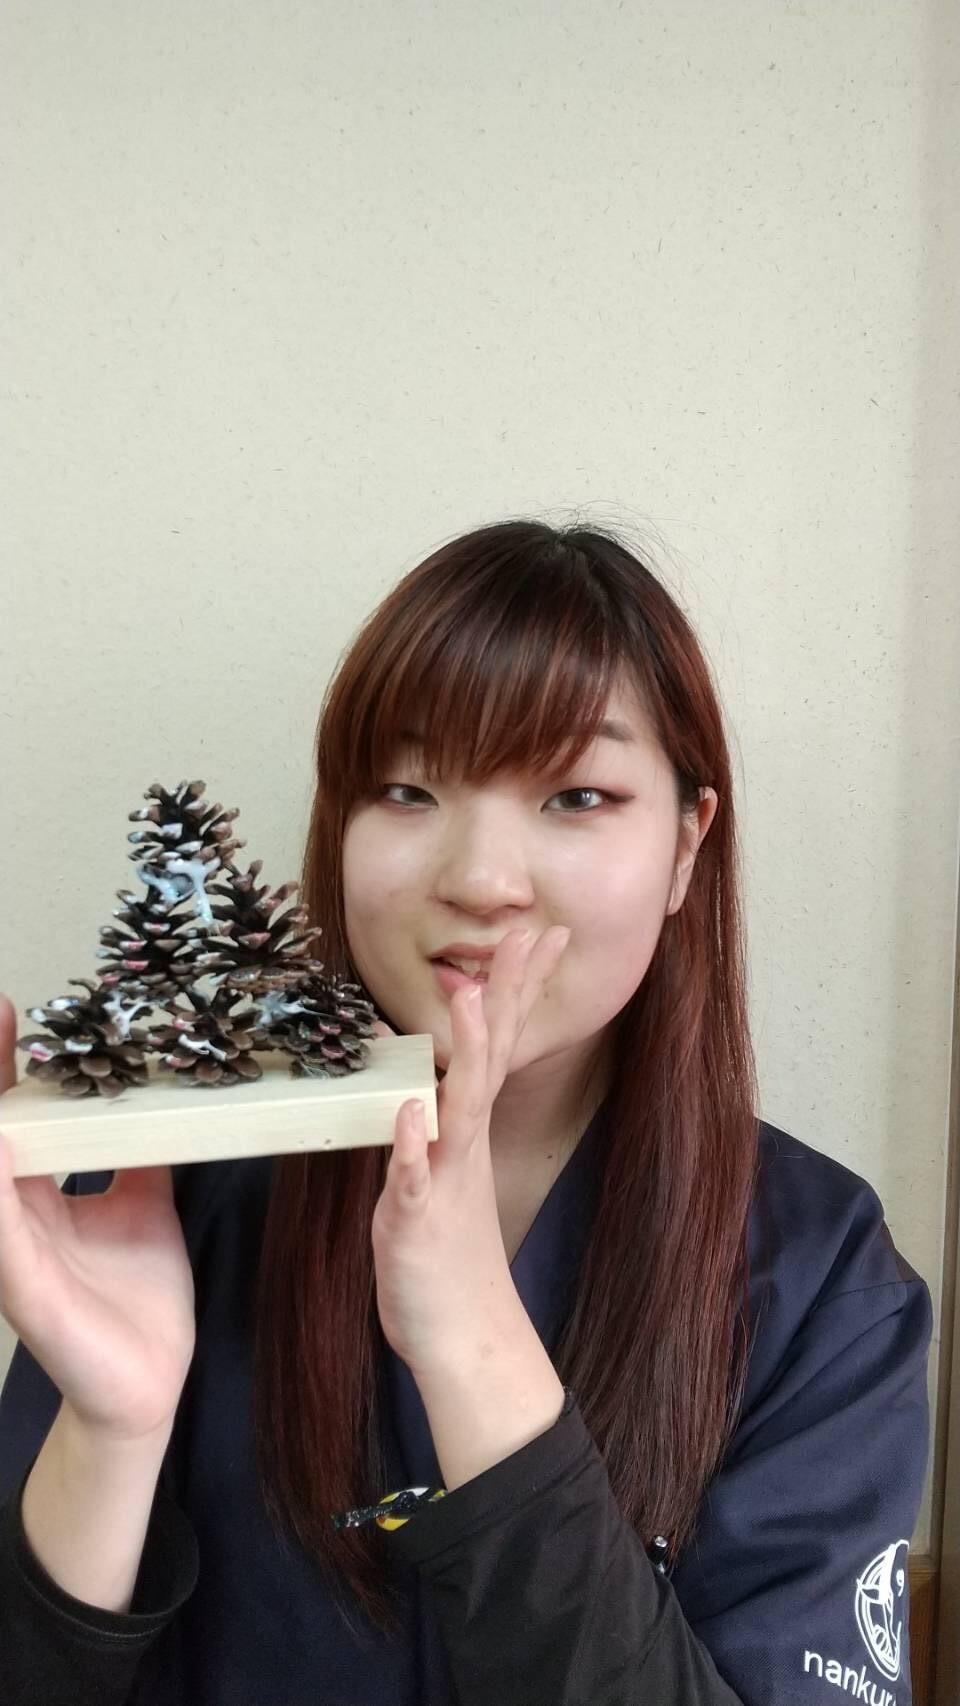 稲田 明日翔 写真